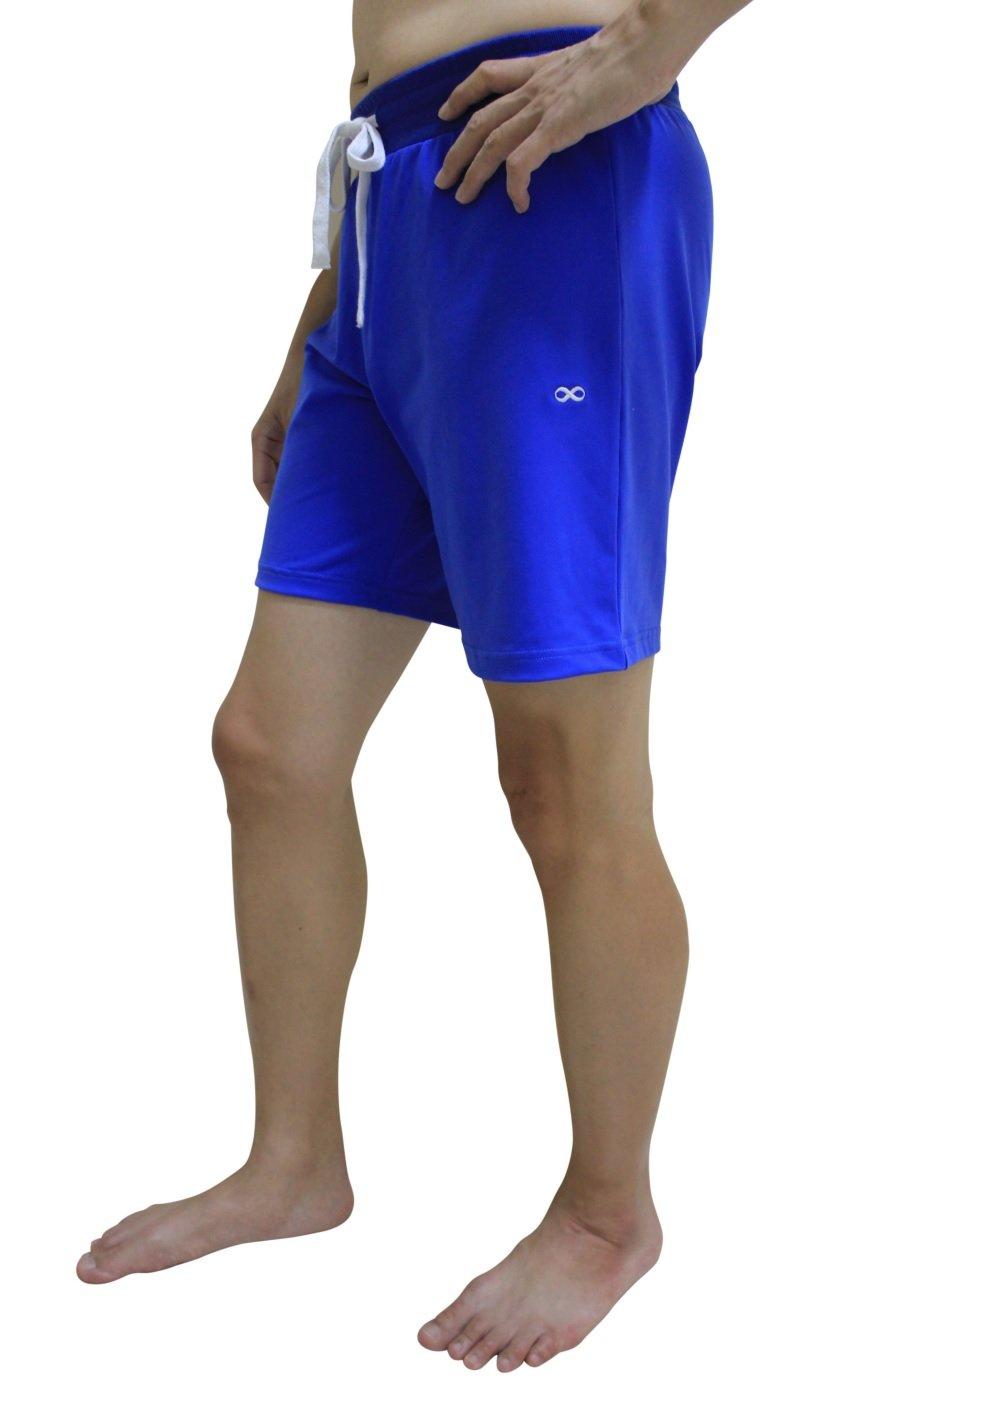 YogaAddict Yoga Shorts for Men, Quick Dry, No Pockets, for Any Yoga (Bikram, Hot Yoga, Hatha, Ashtanga), Pilates, Gym - Blue - Size L by YogaAddict